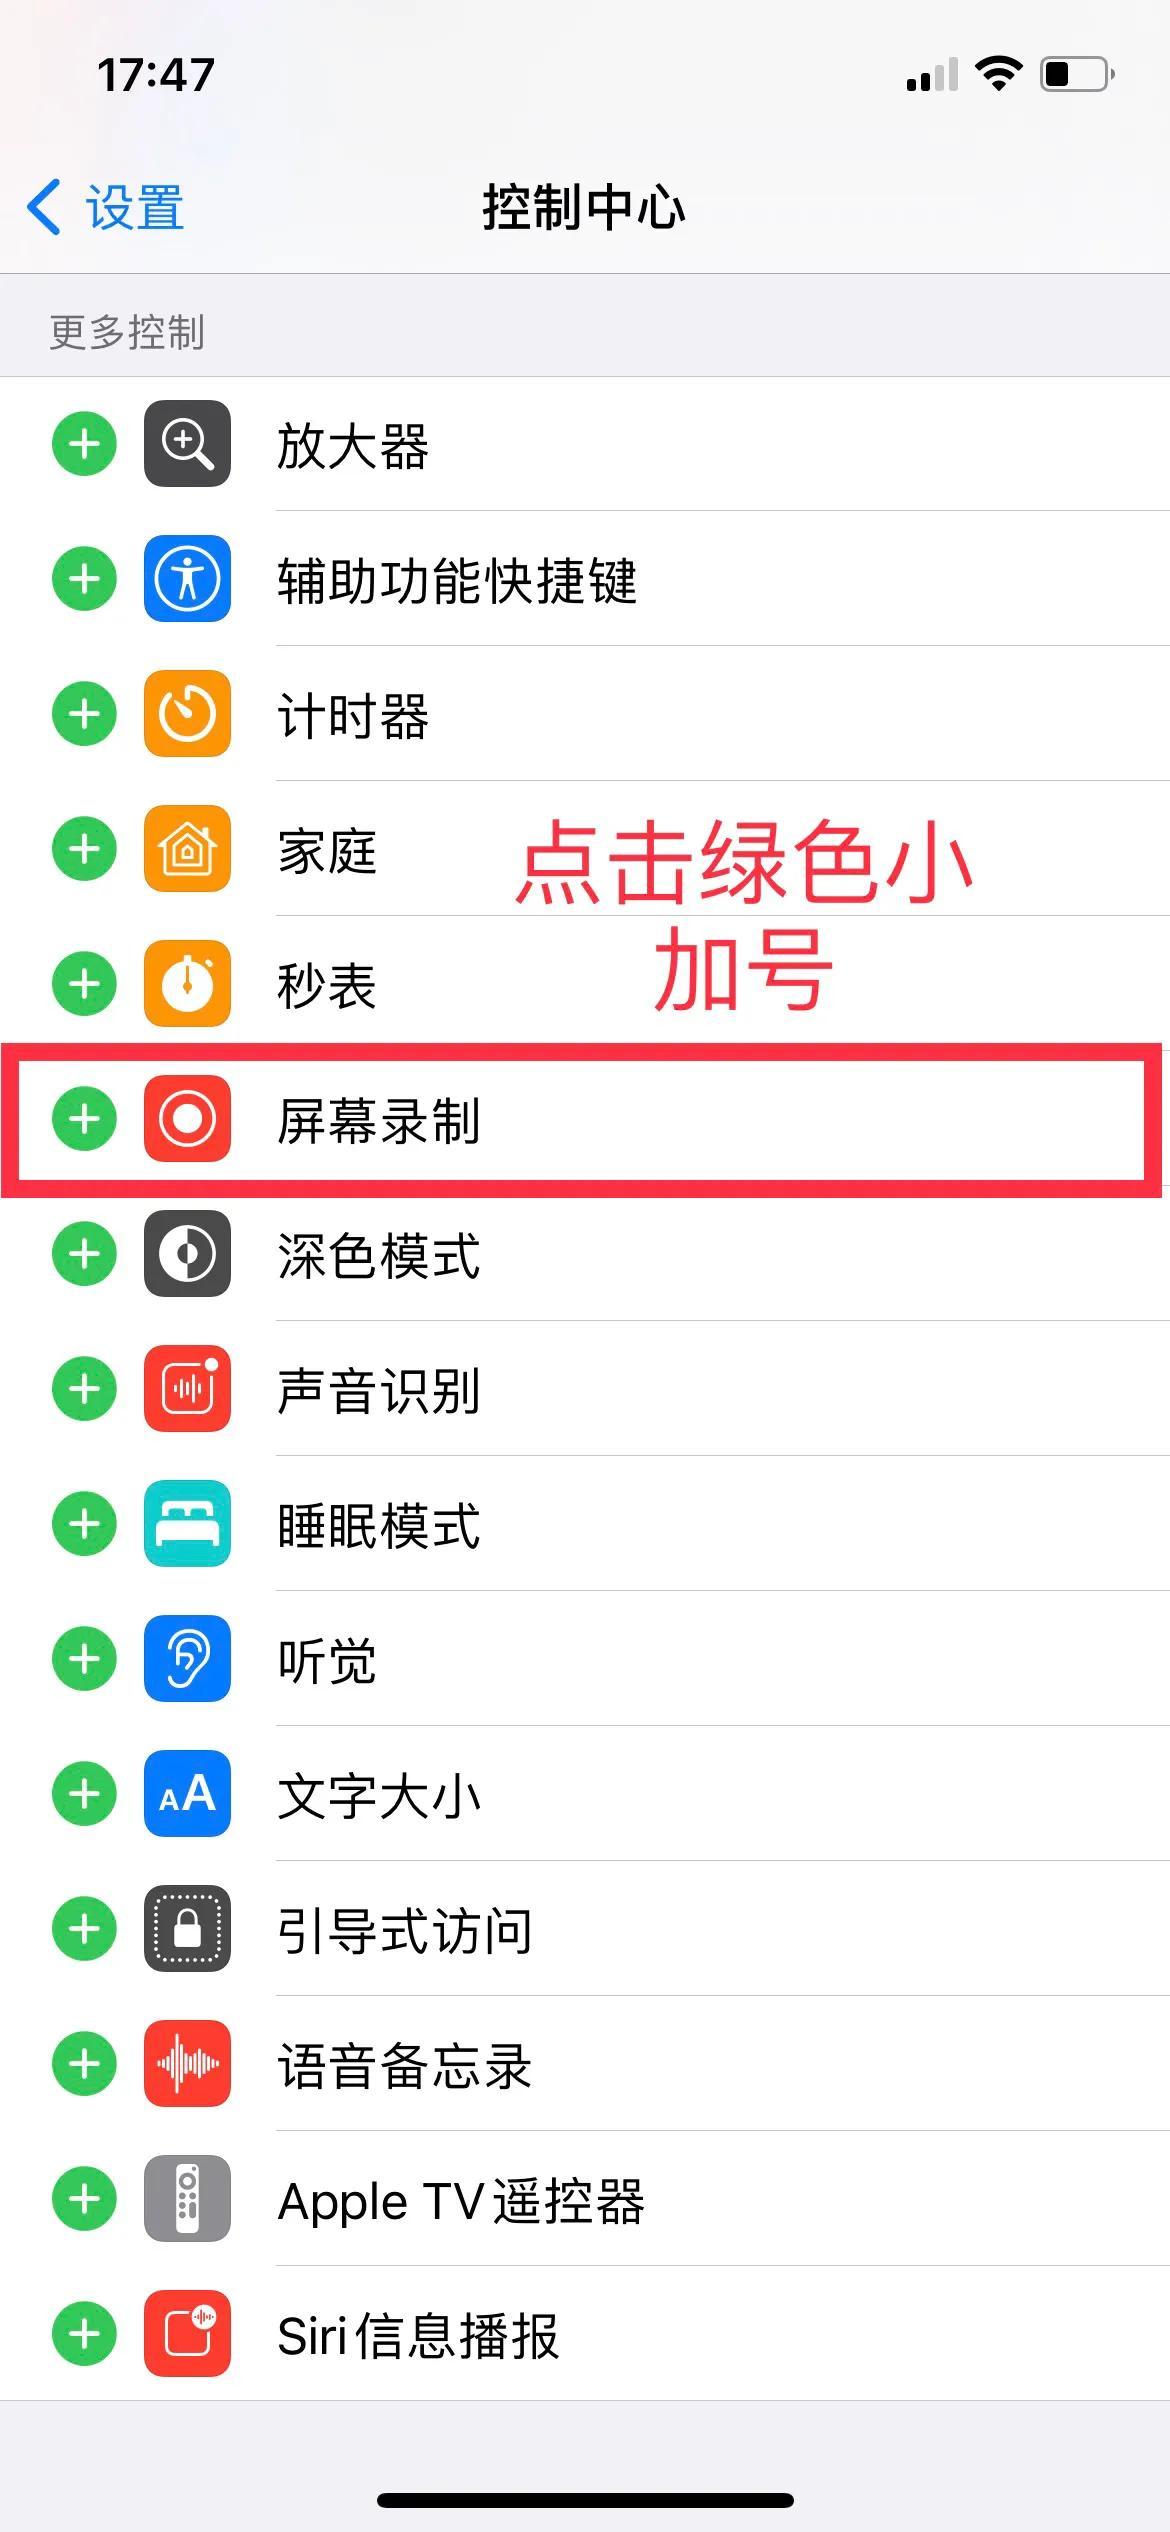 苹果手机怎么添加录屏功能(苹果手机录制屏幕操作)(3)